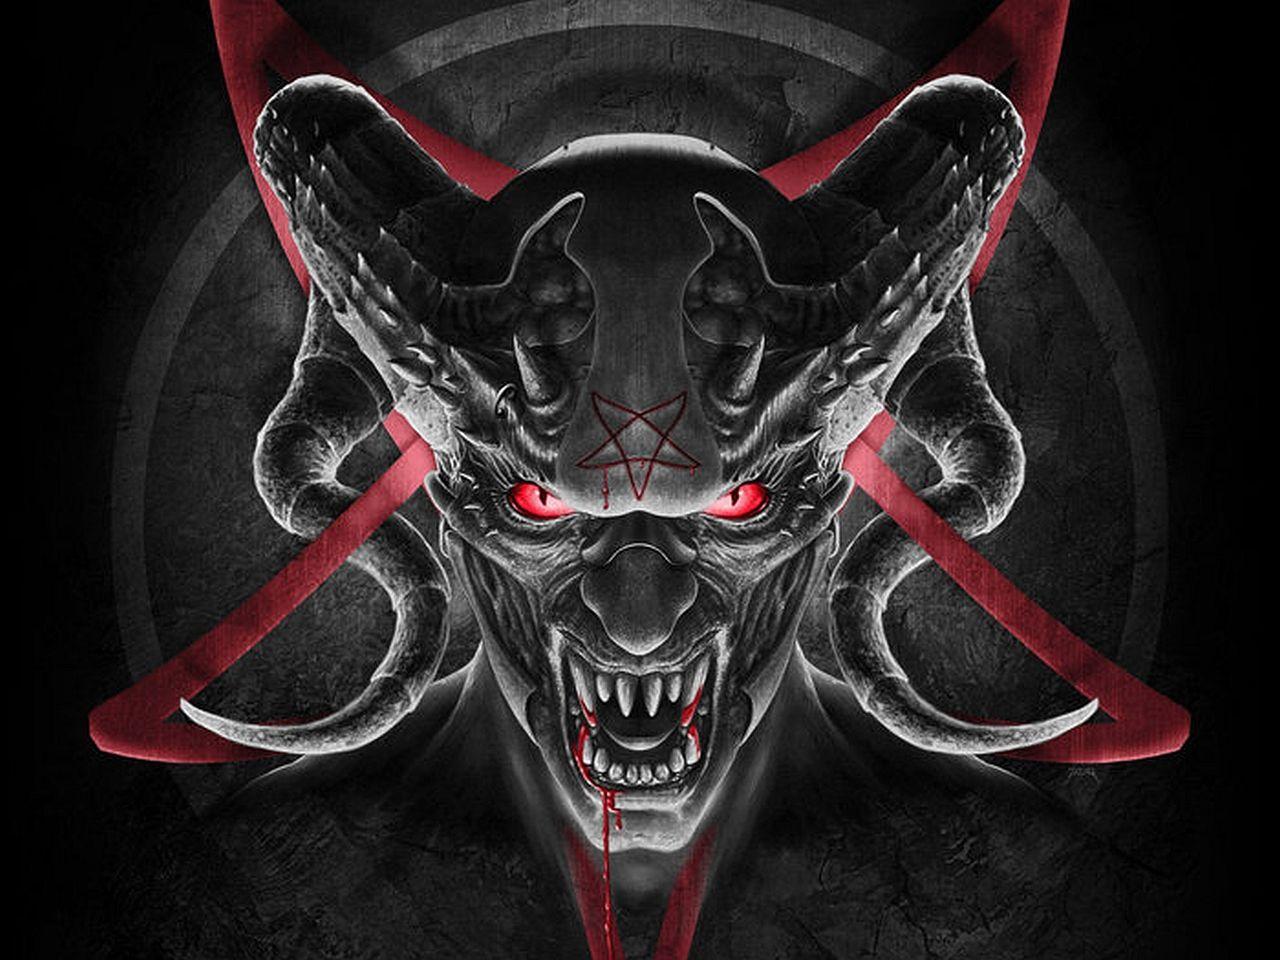 Dark Demon Wallpaper 1280x960 Wallpapers 40